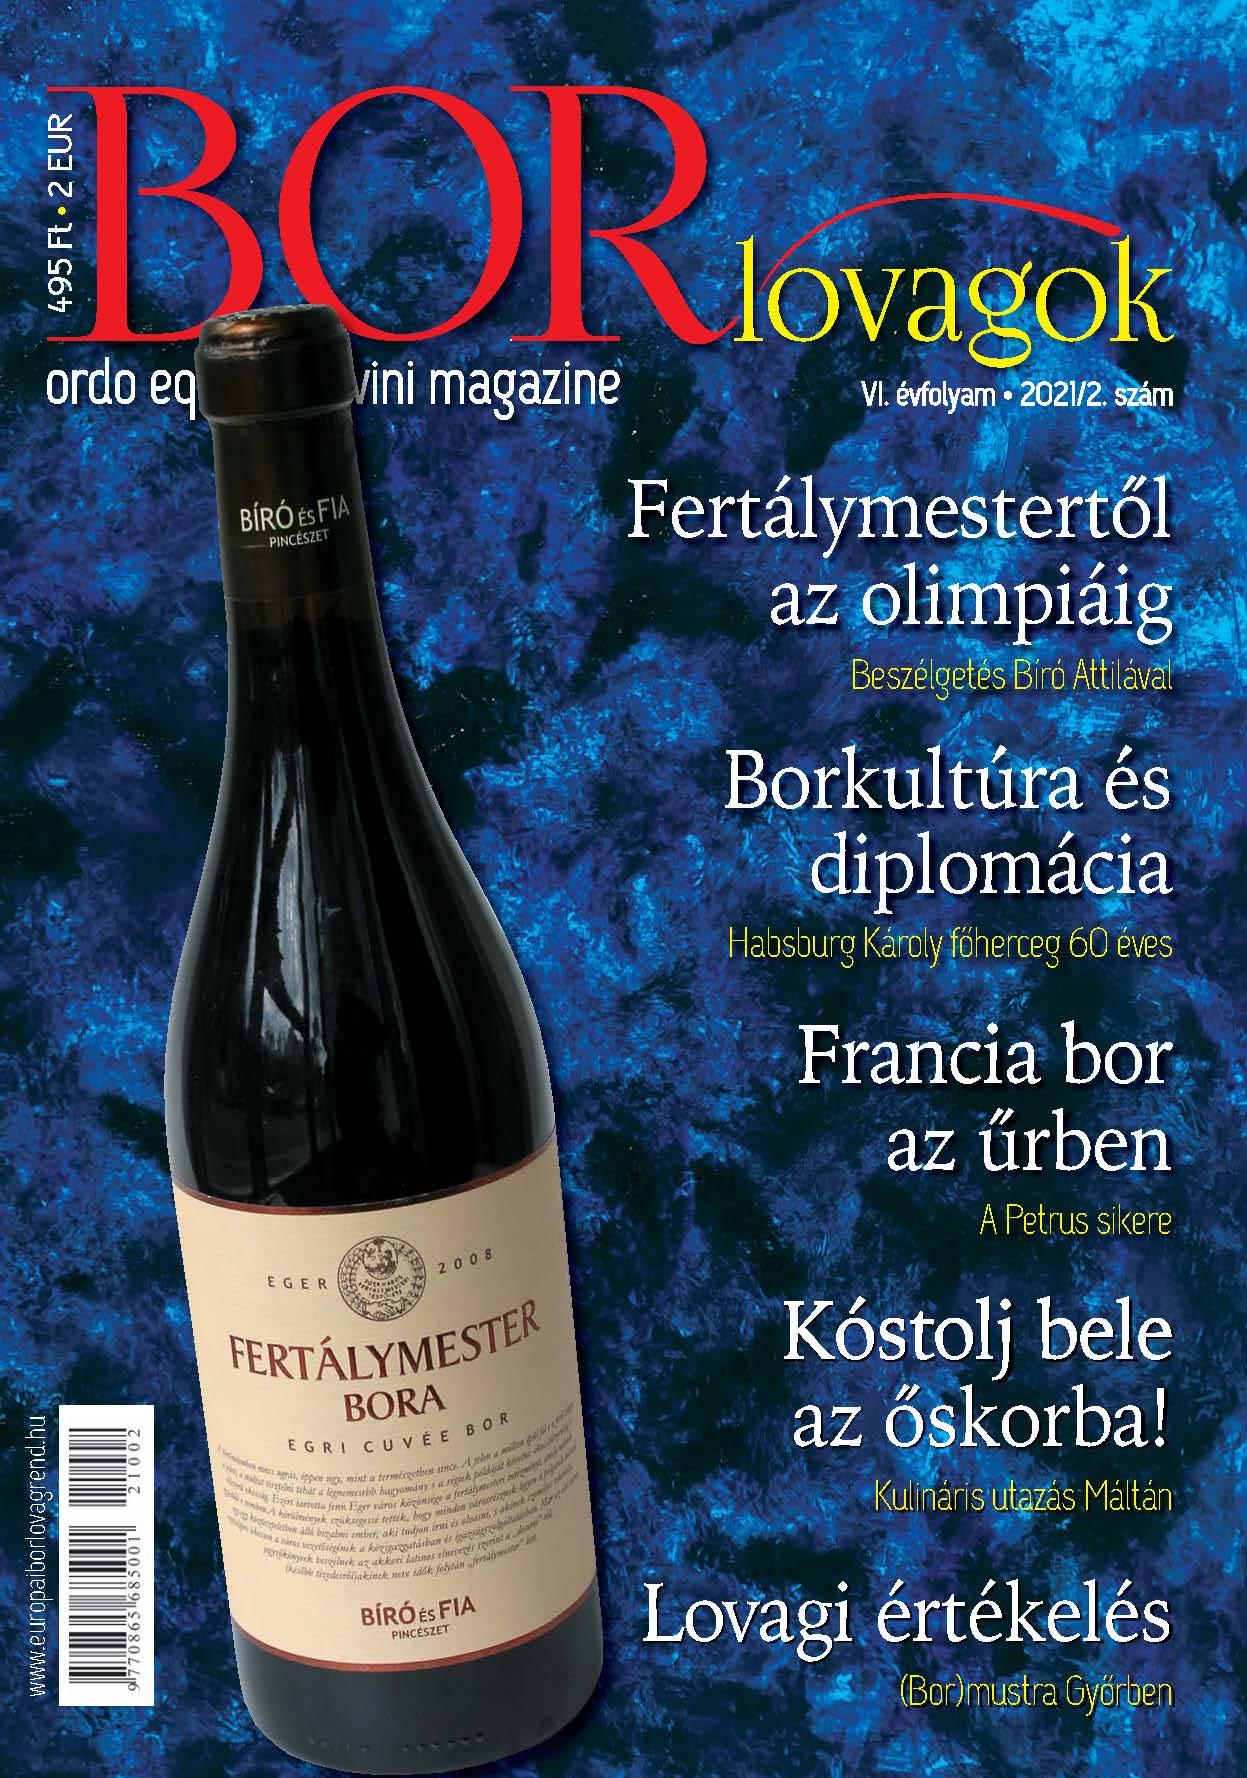 MEGJELENT A BORLOVAGOK Magazin 2021/2